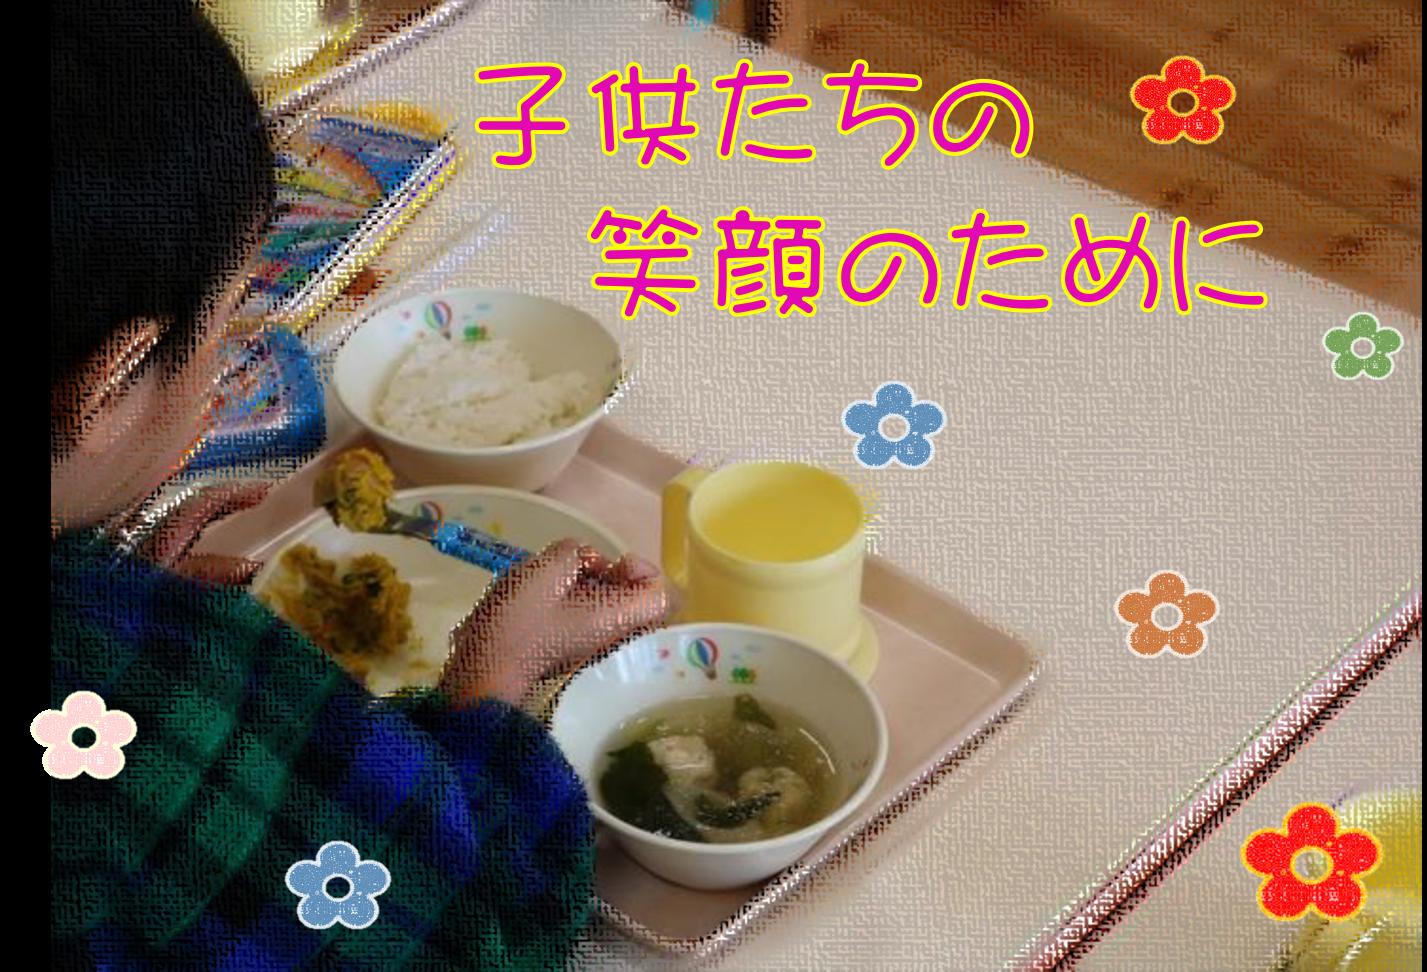 子供を笑顔にする給食を一緒に作りませんか?初心者・主婦大歓迎★宮崎市 大塚小学校